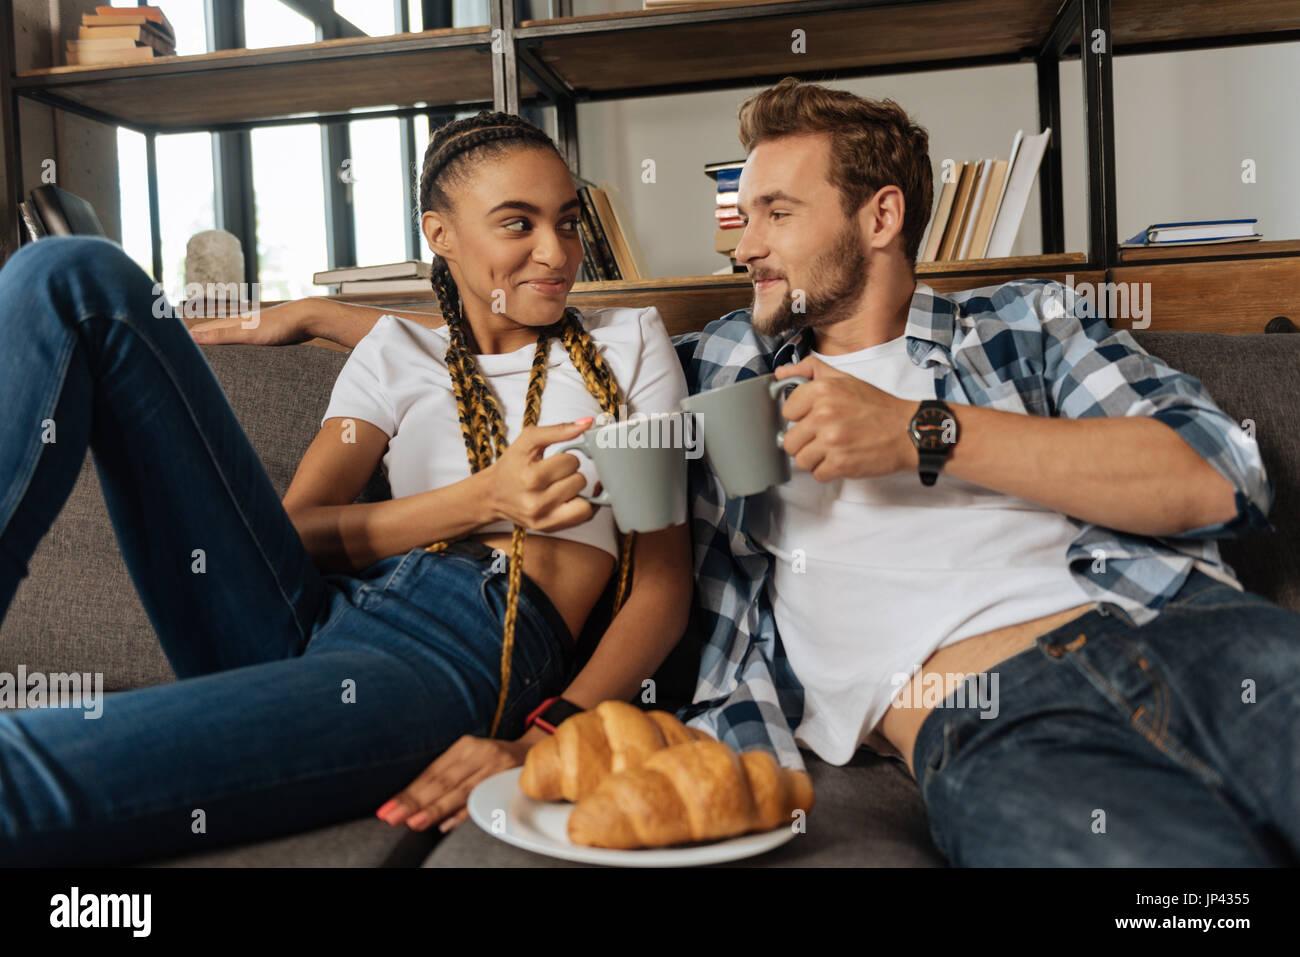 Schöne männliche Person gehen, Tee trinken Stockbild